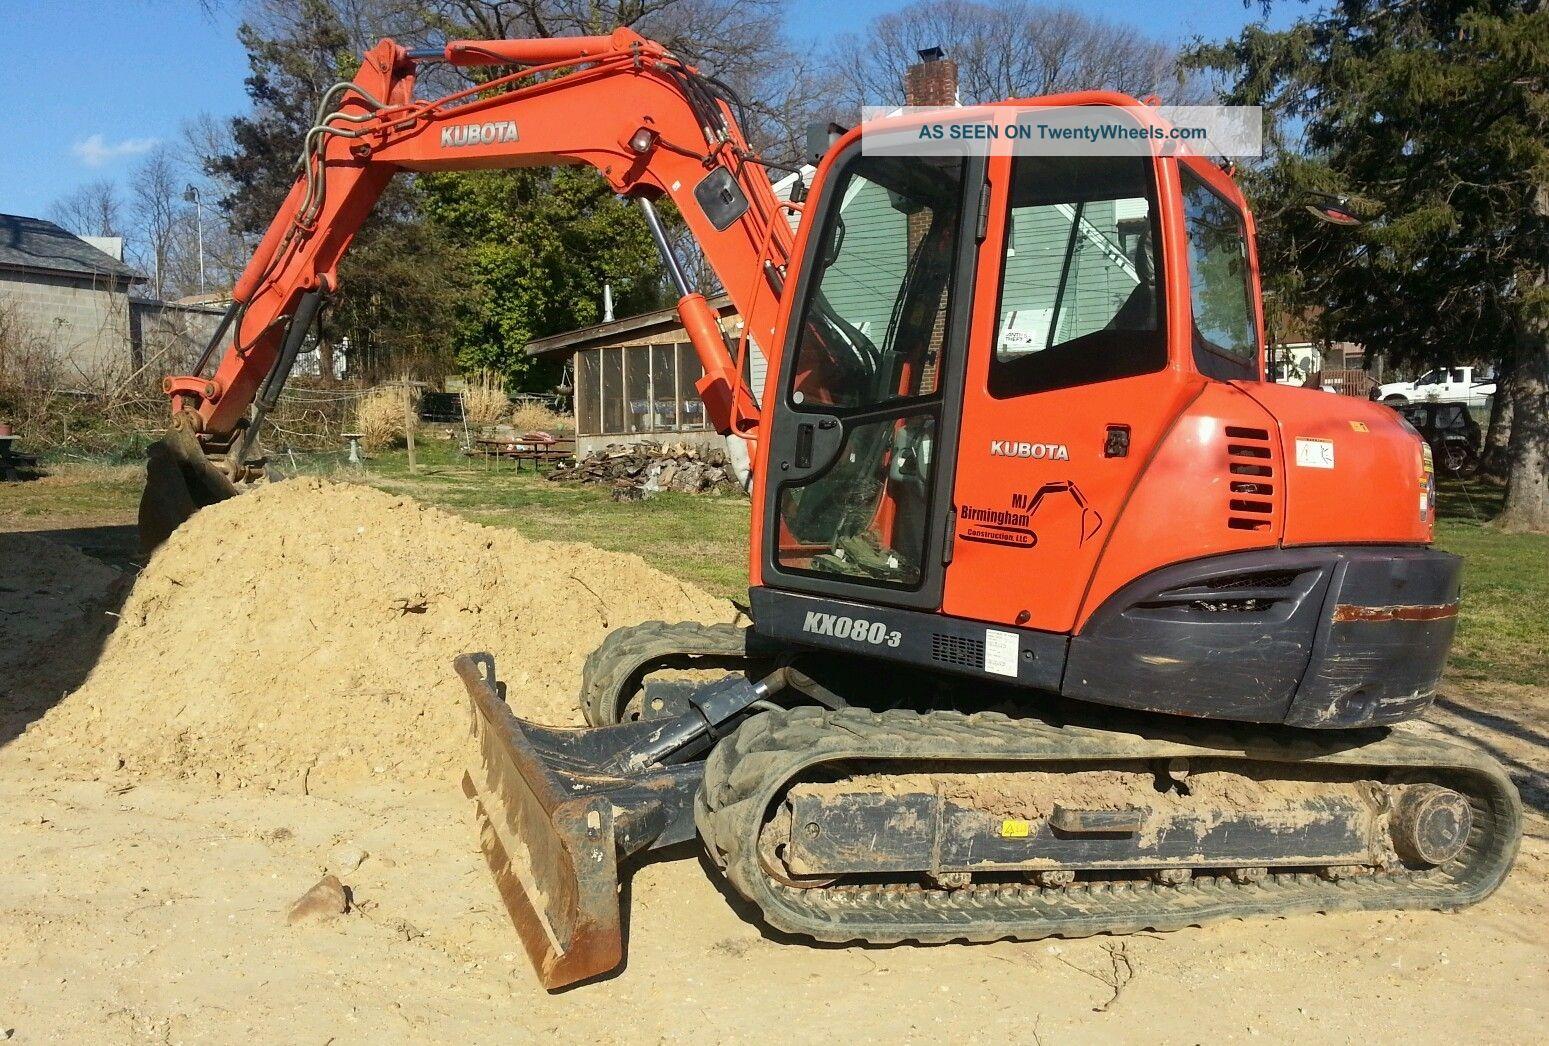 2008 Kubota Kx080 - 3 Excavator,  A/c,  Knuckle,  And Thumb. Excavators photo